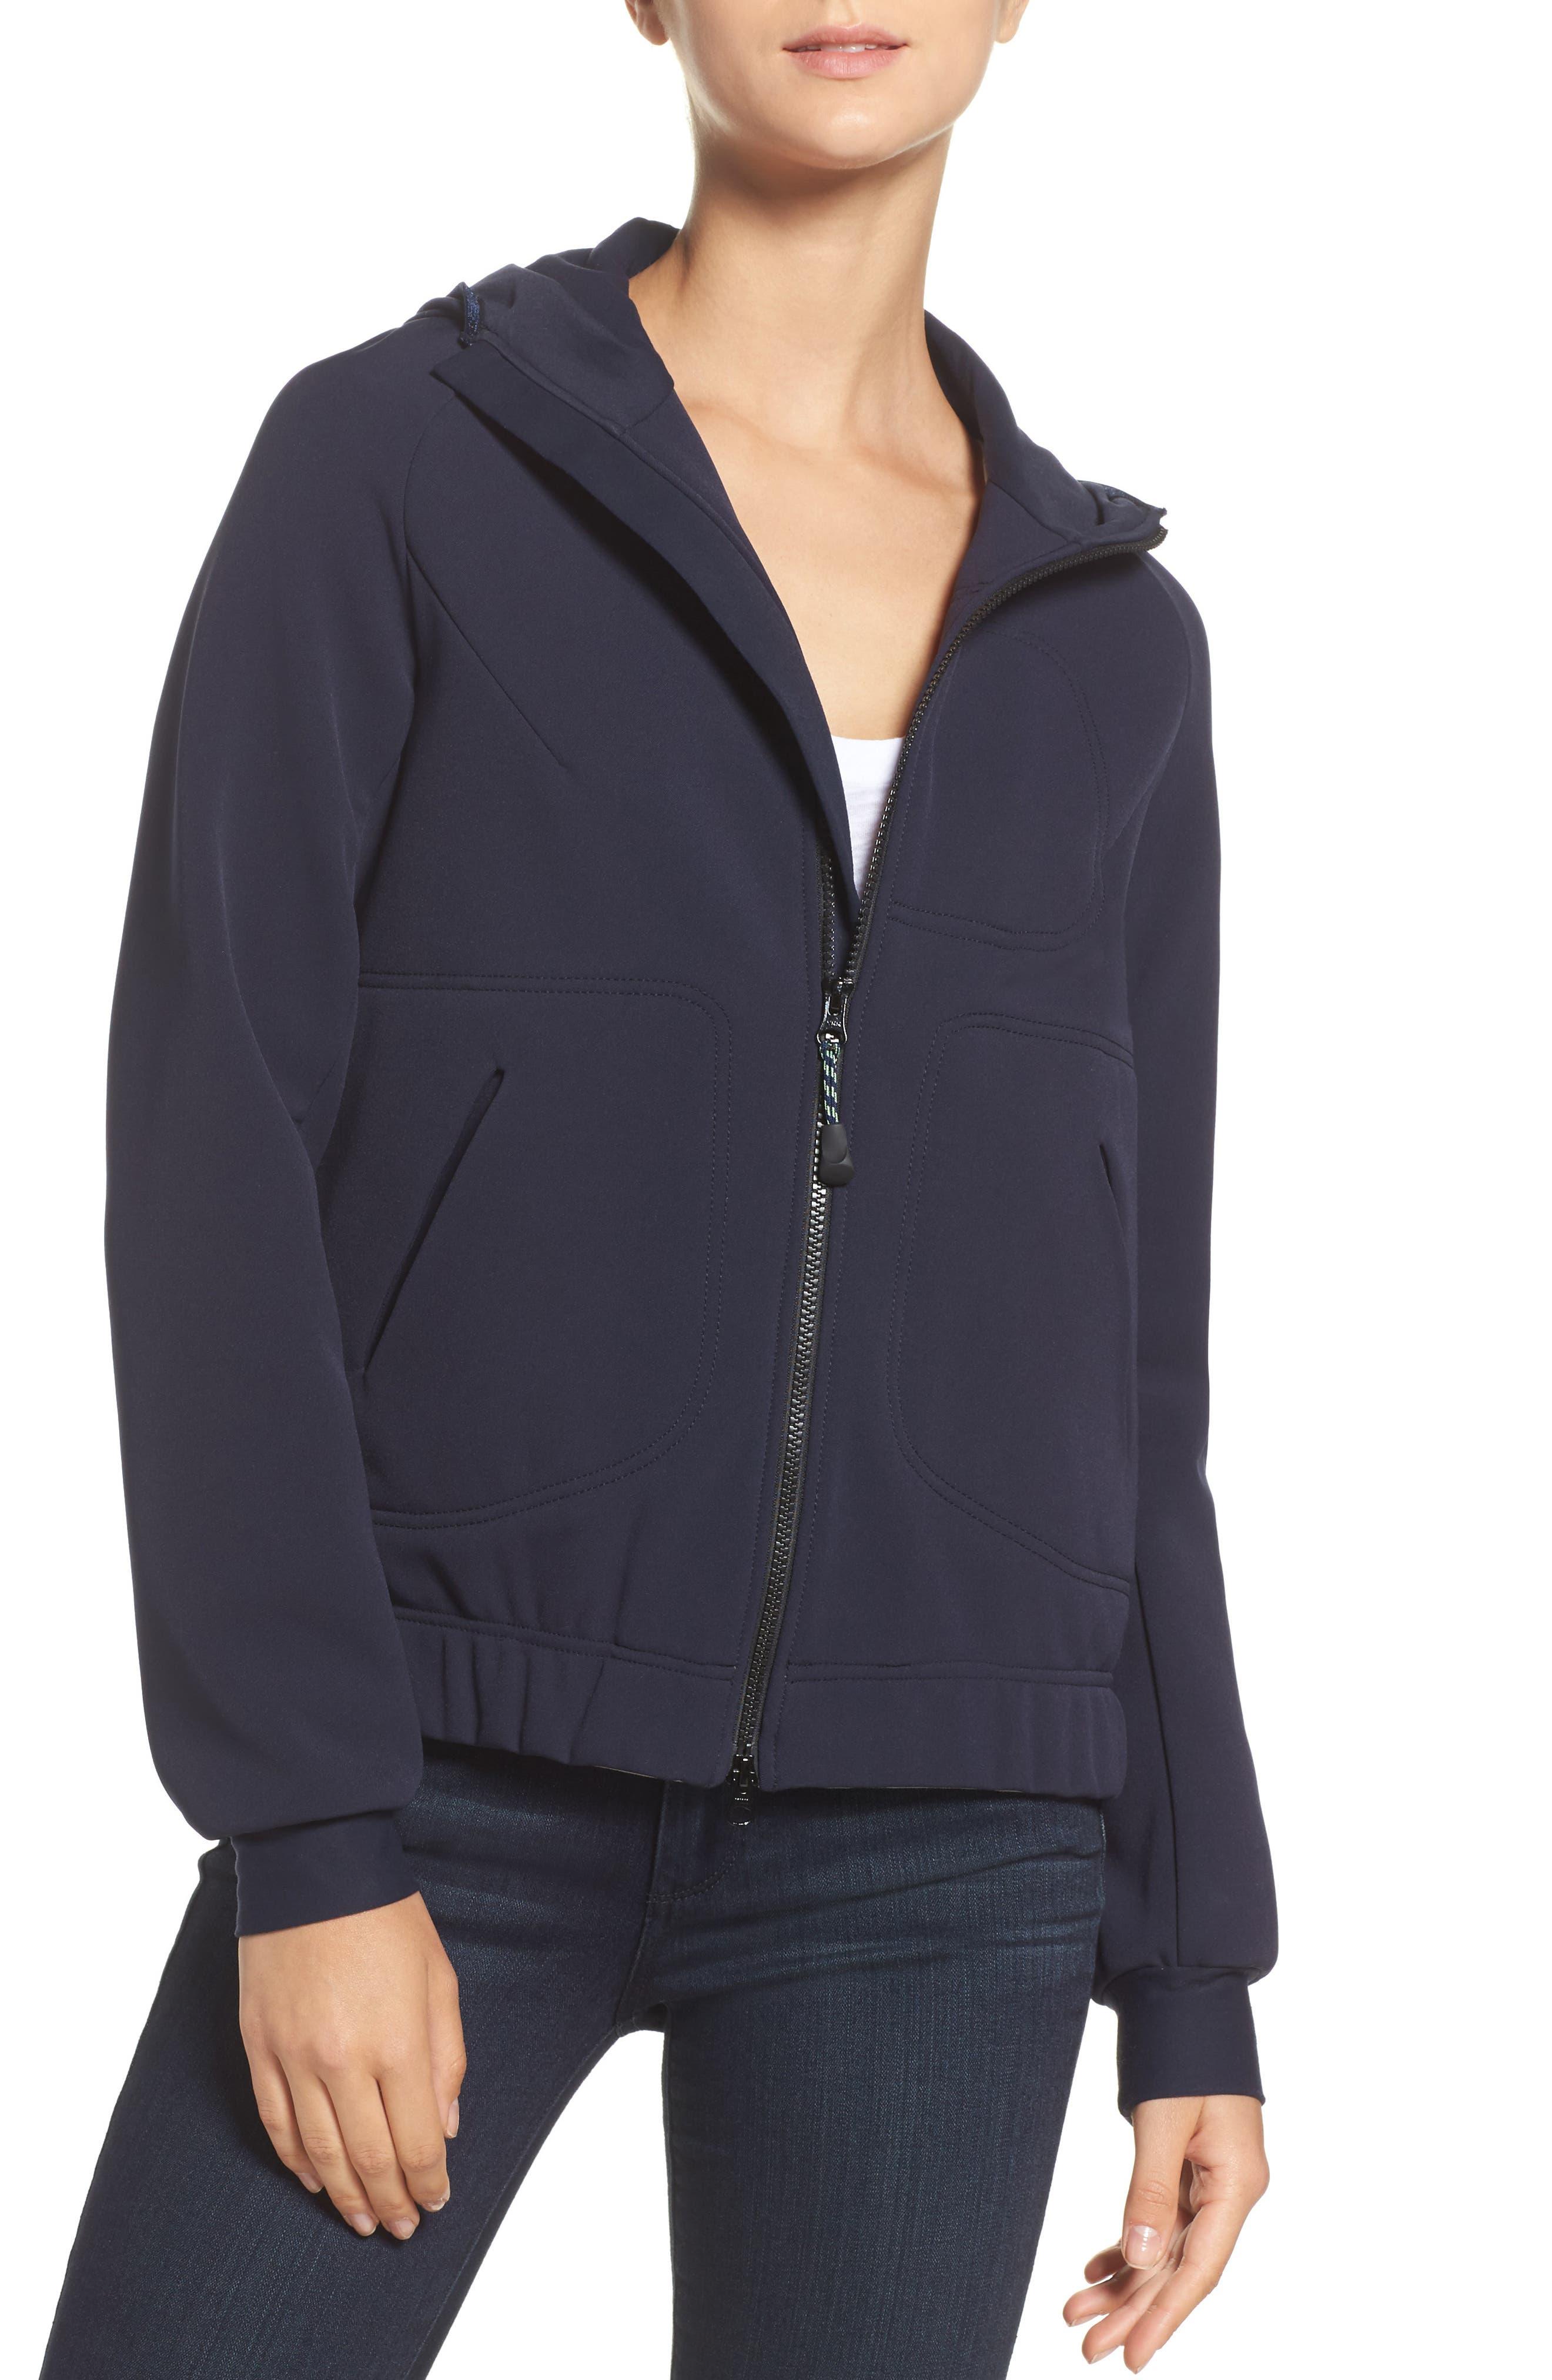 LNDR Stunt Weatherproof Hooded Jacket